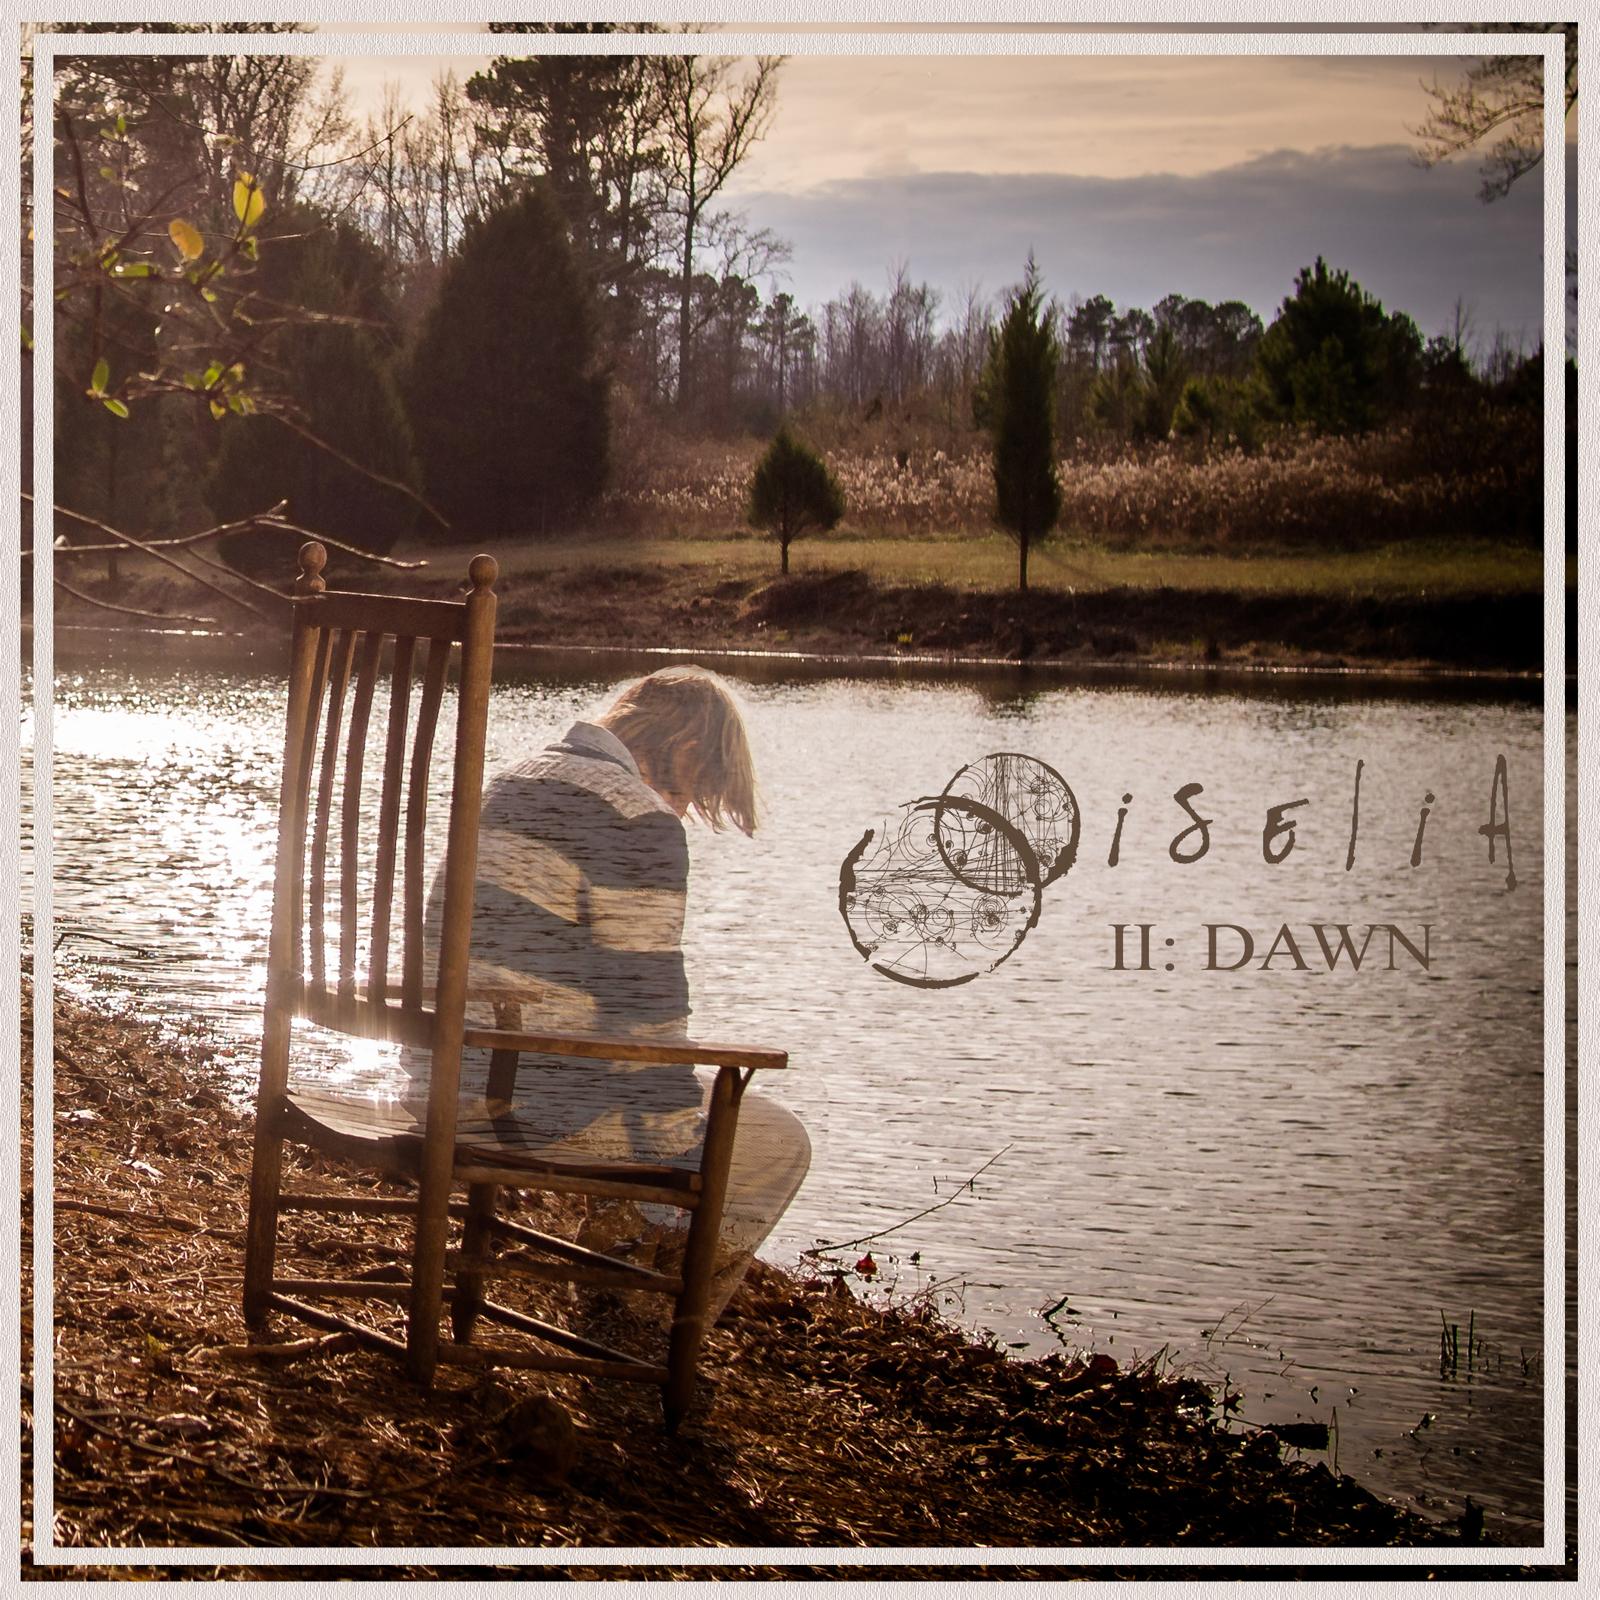 Iselia - 'II: Dawn'